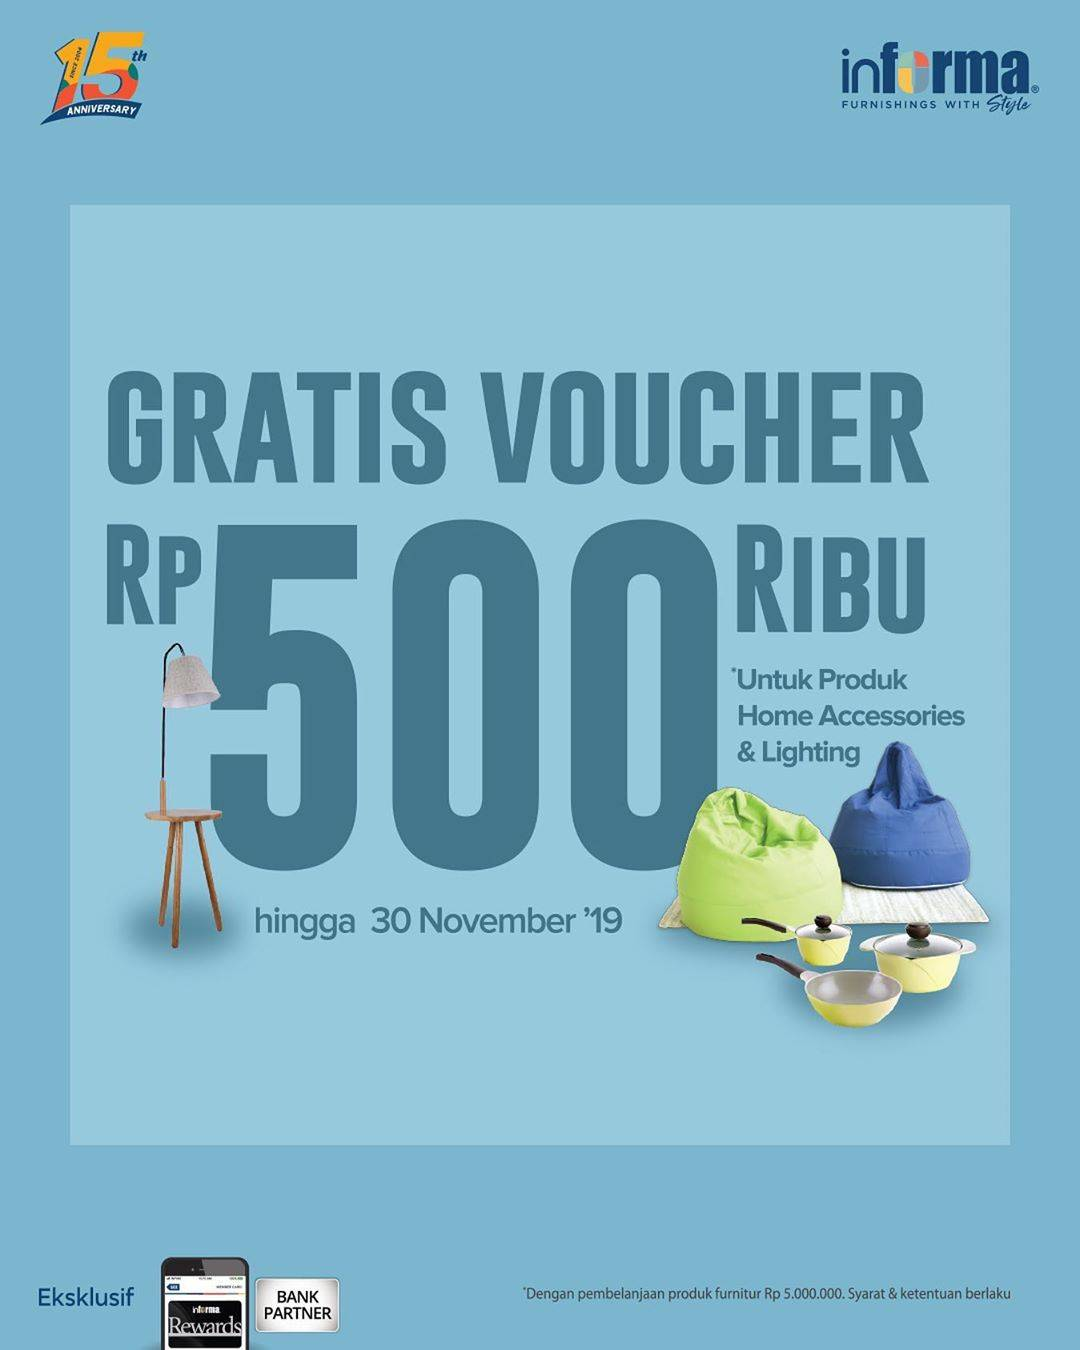 Informa Promo Gratis Voucher Rp 500.000 untuk pembelian Produk Home Accessories & Lighting